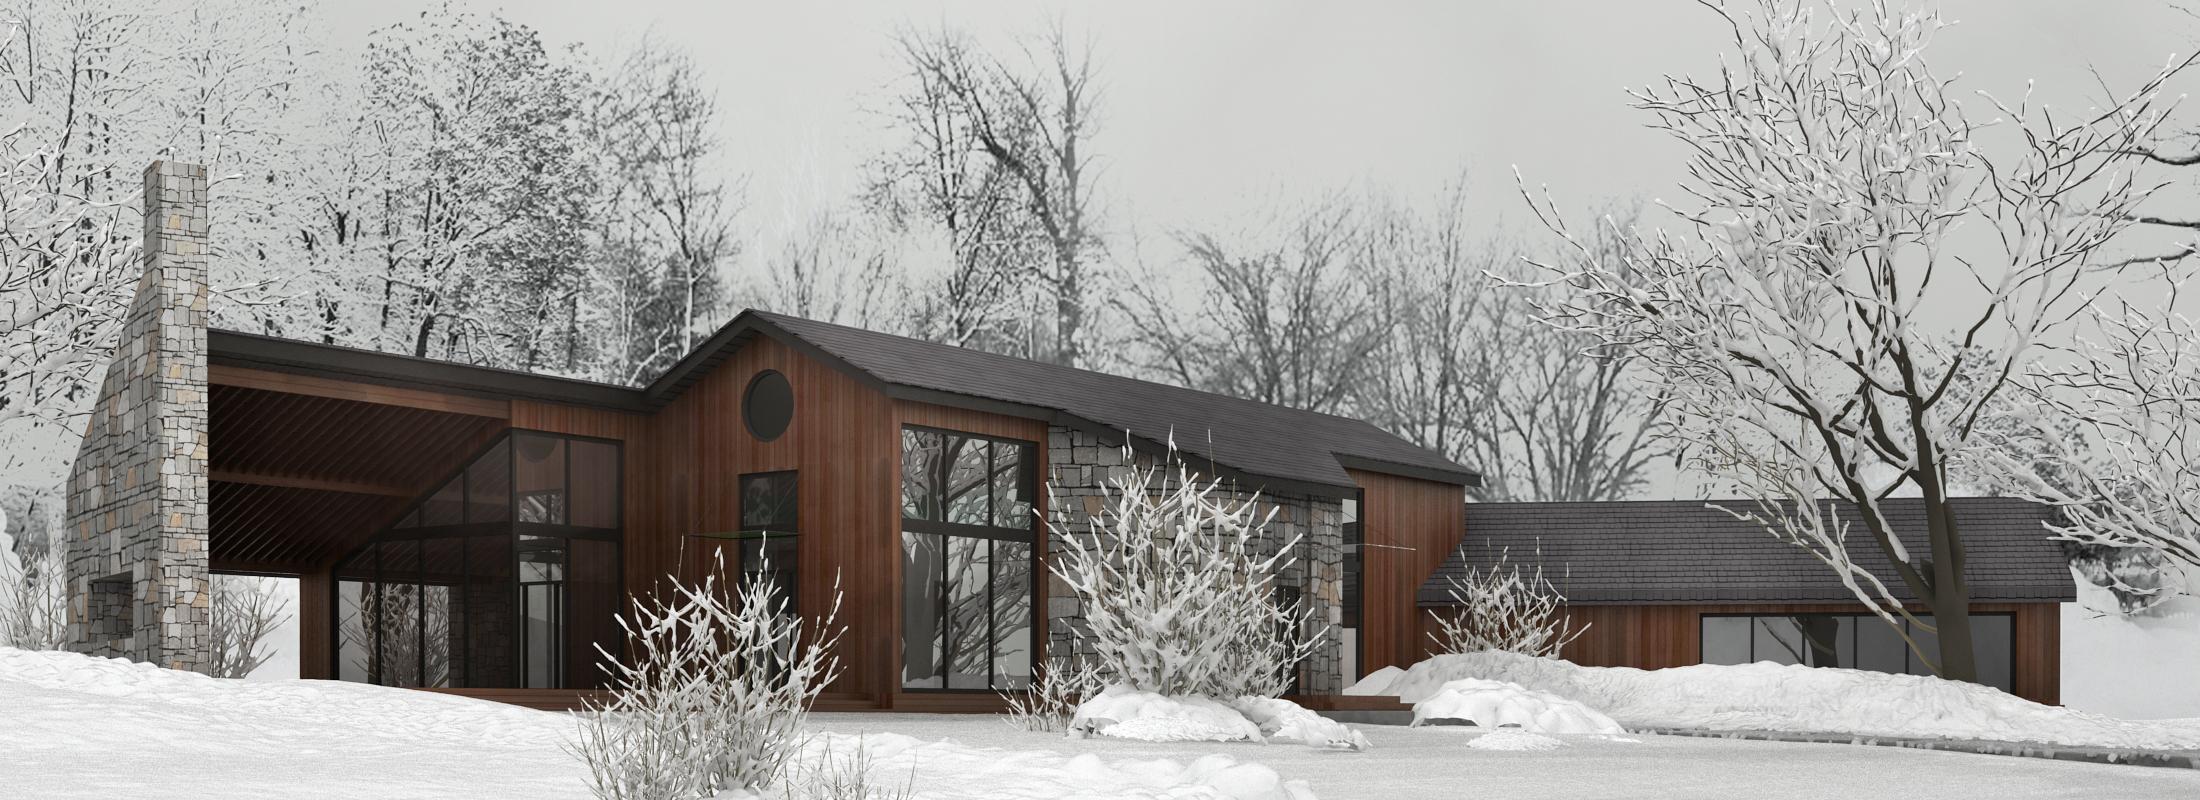 Архитектурный проект загородного дома в Комарово